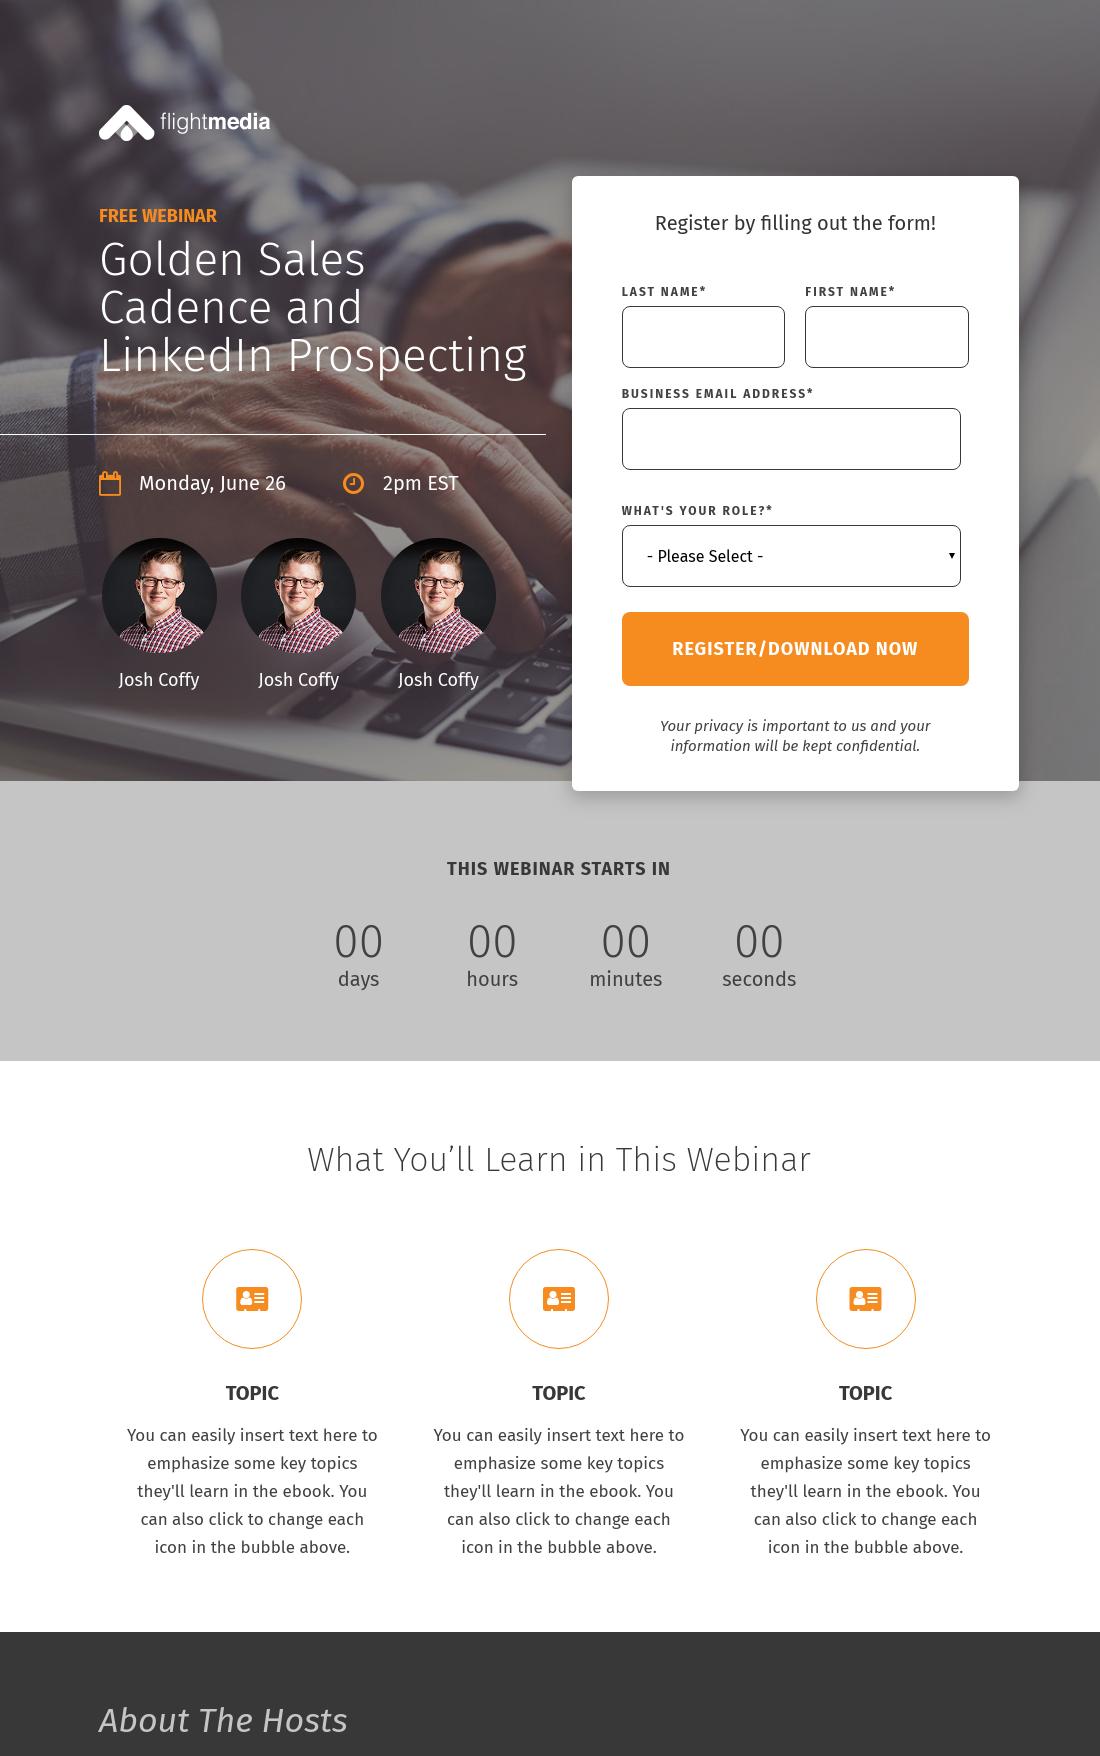 Spotlight Webinar Landing Page | HubSpot